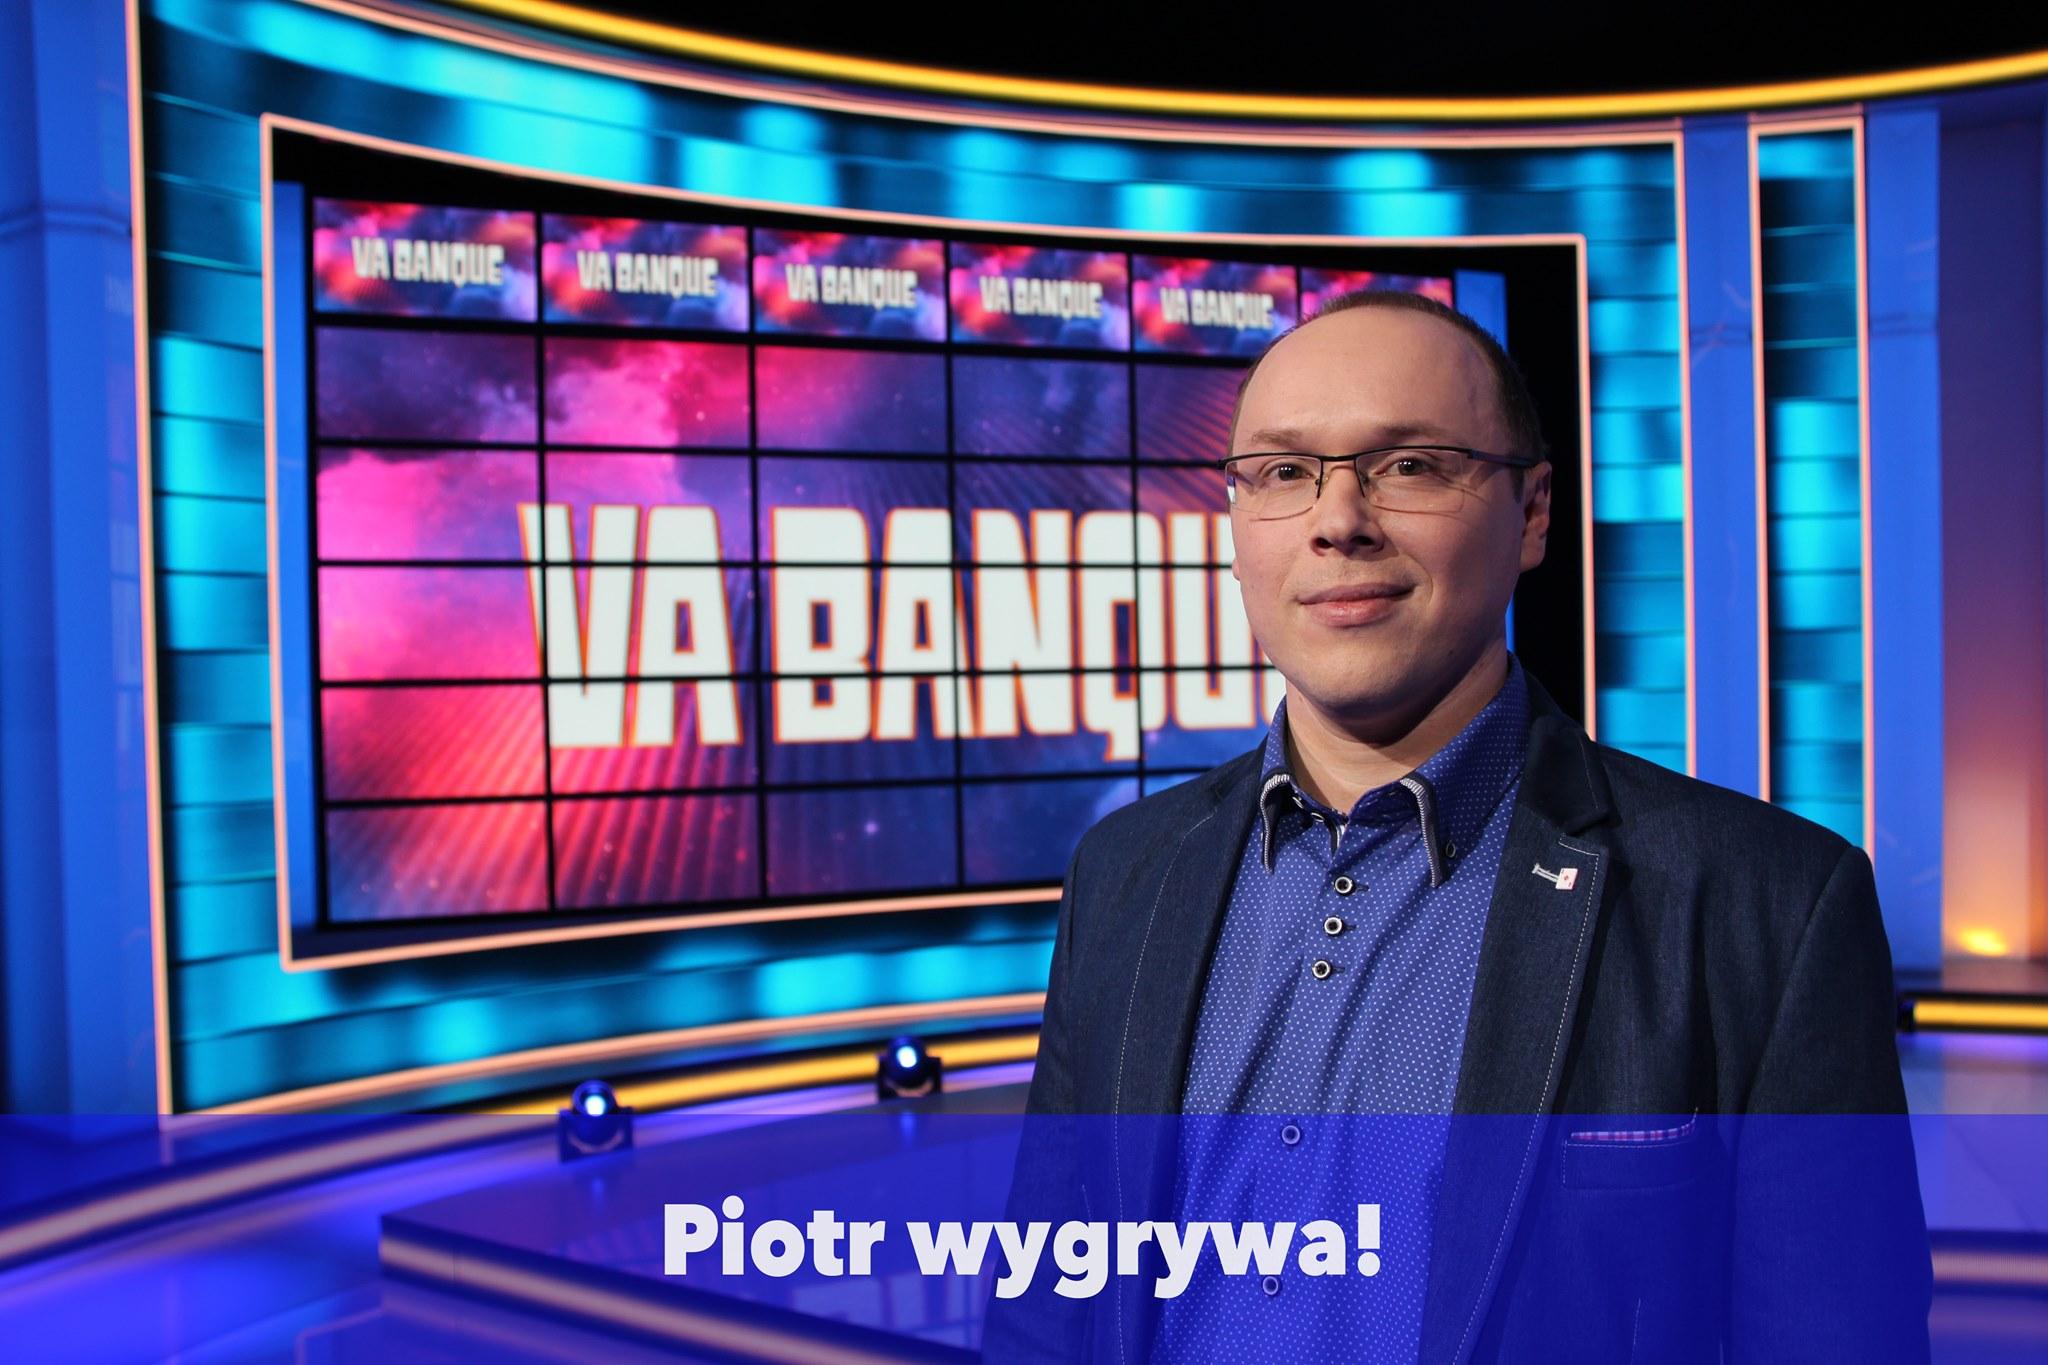 """Idzie jak burza w programie """"Va banque"""". Druga wygrana tarnobrzeżanina [WIDEO] - Zdjęcie główne"""